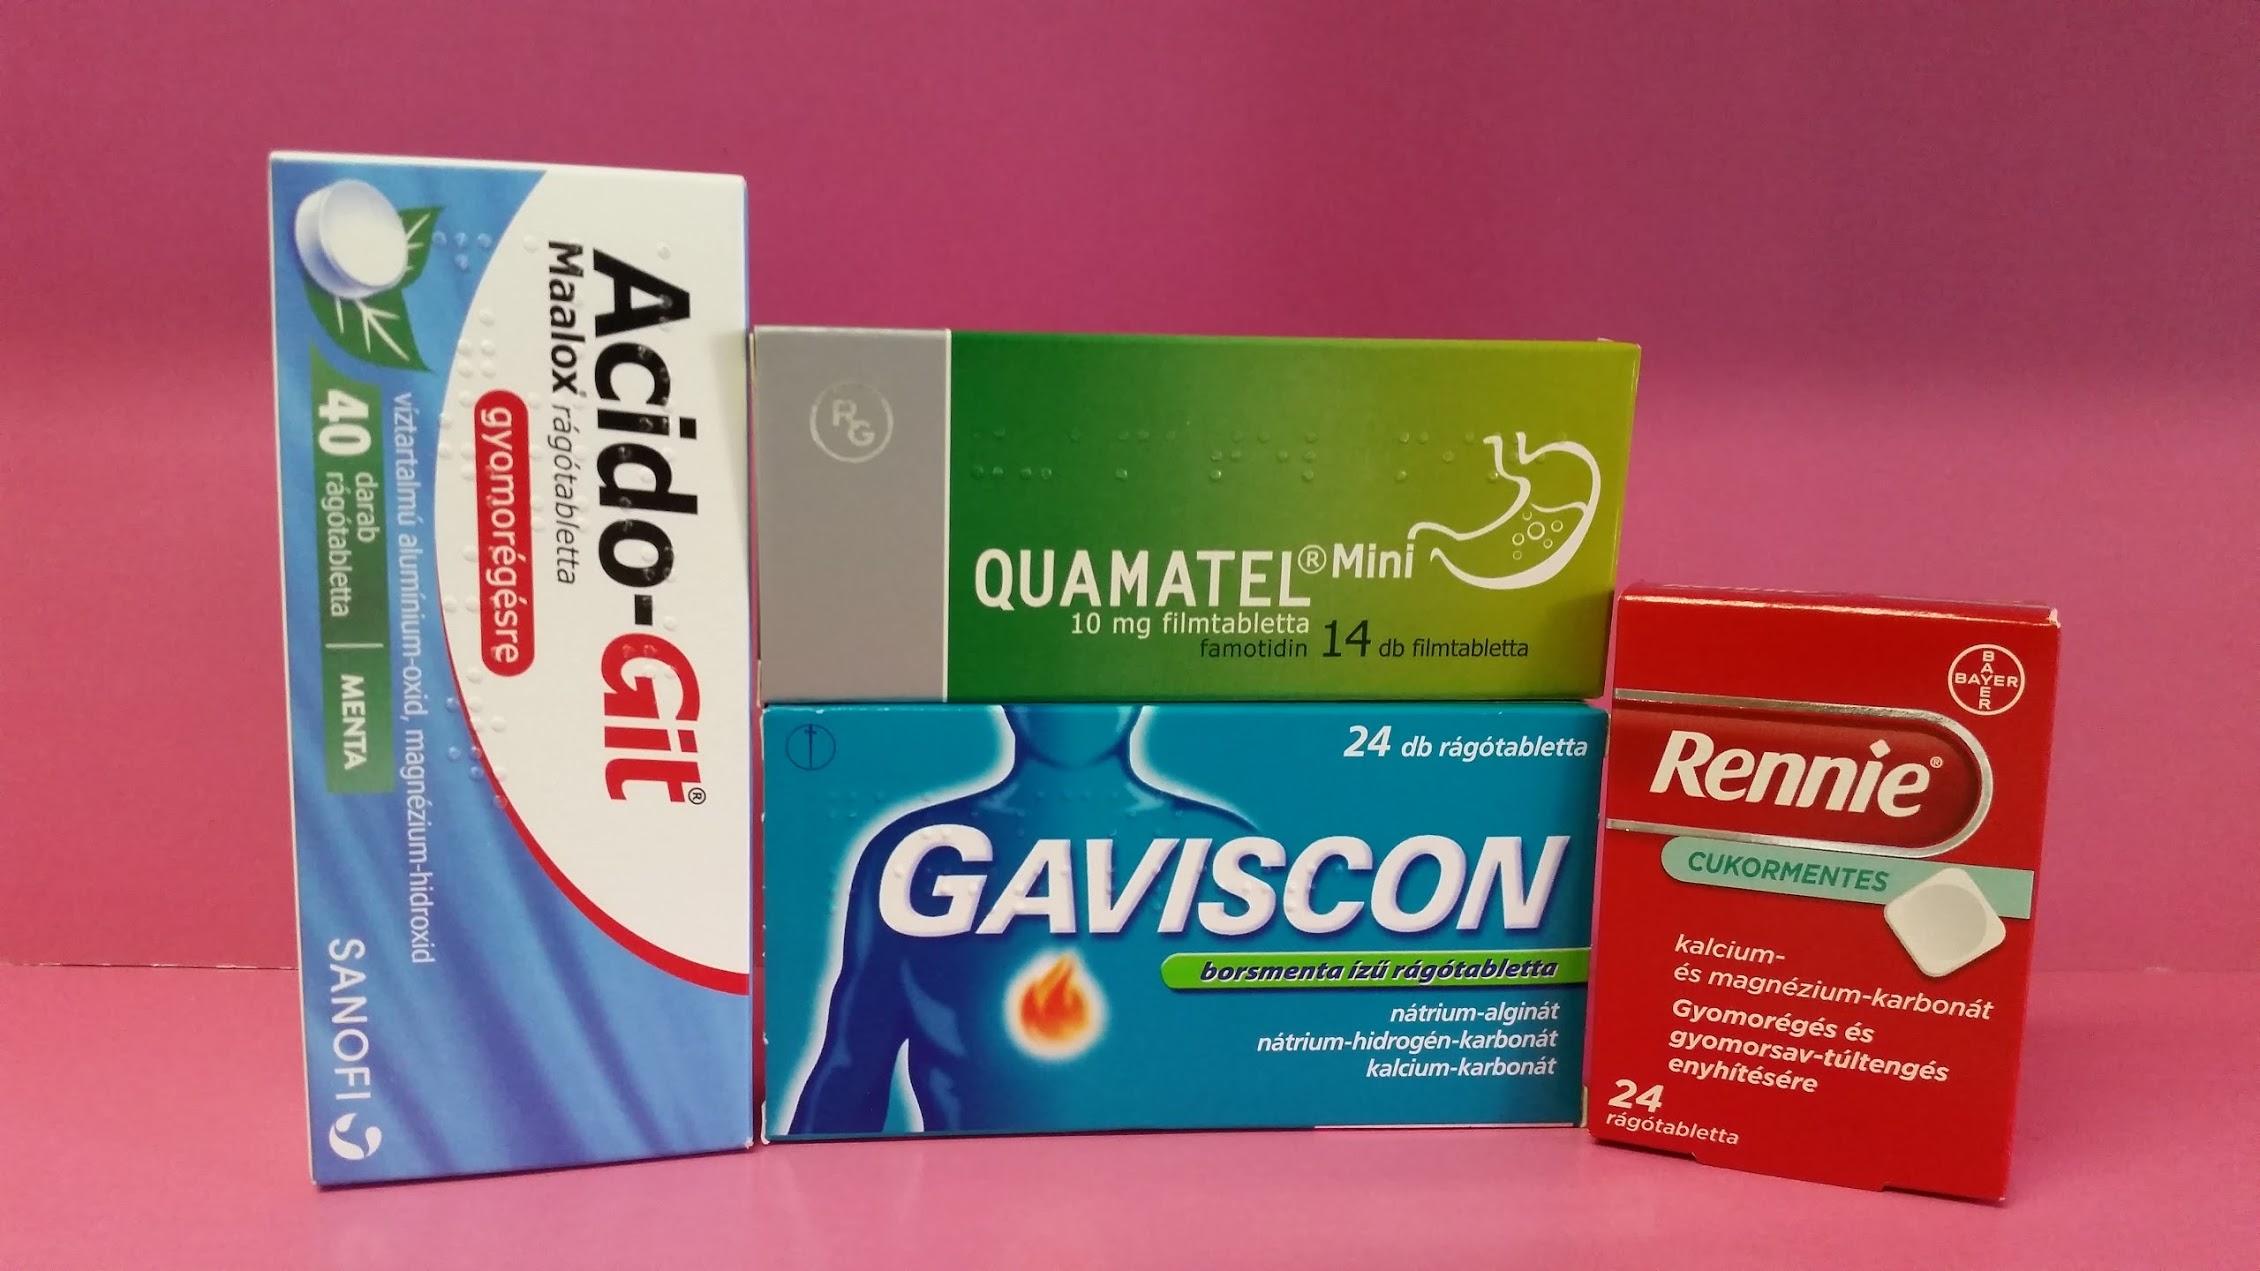 gyógyszerek pikkelysömör bayer ha pikkelysömör a térdén hogyan kell kezelni